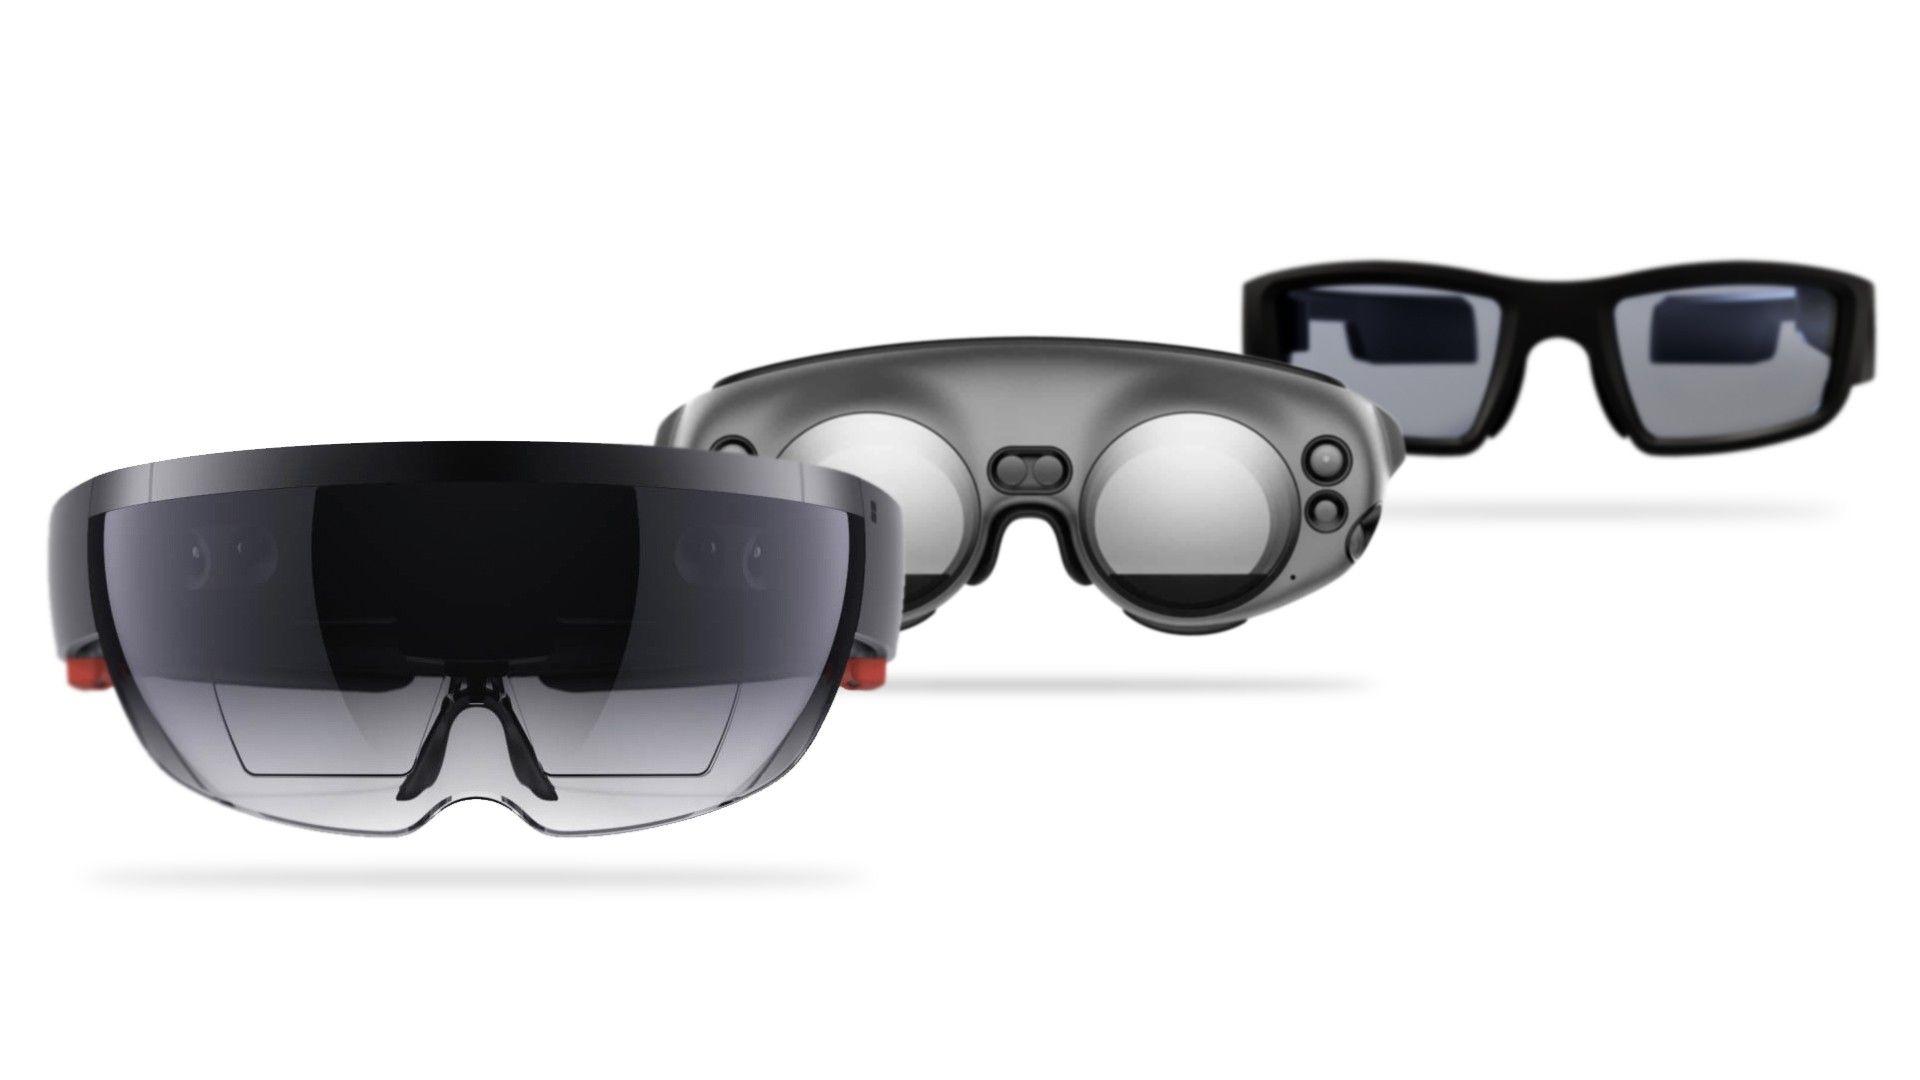 Концепция очков дополненной реальности. Моя идеальная AR гарнитура, которая возможна - 2